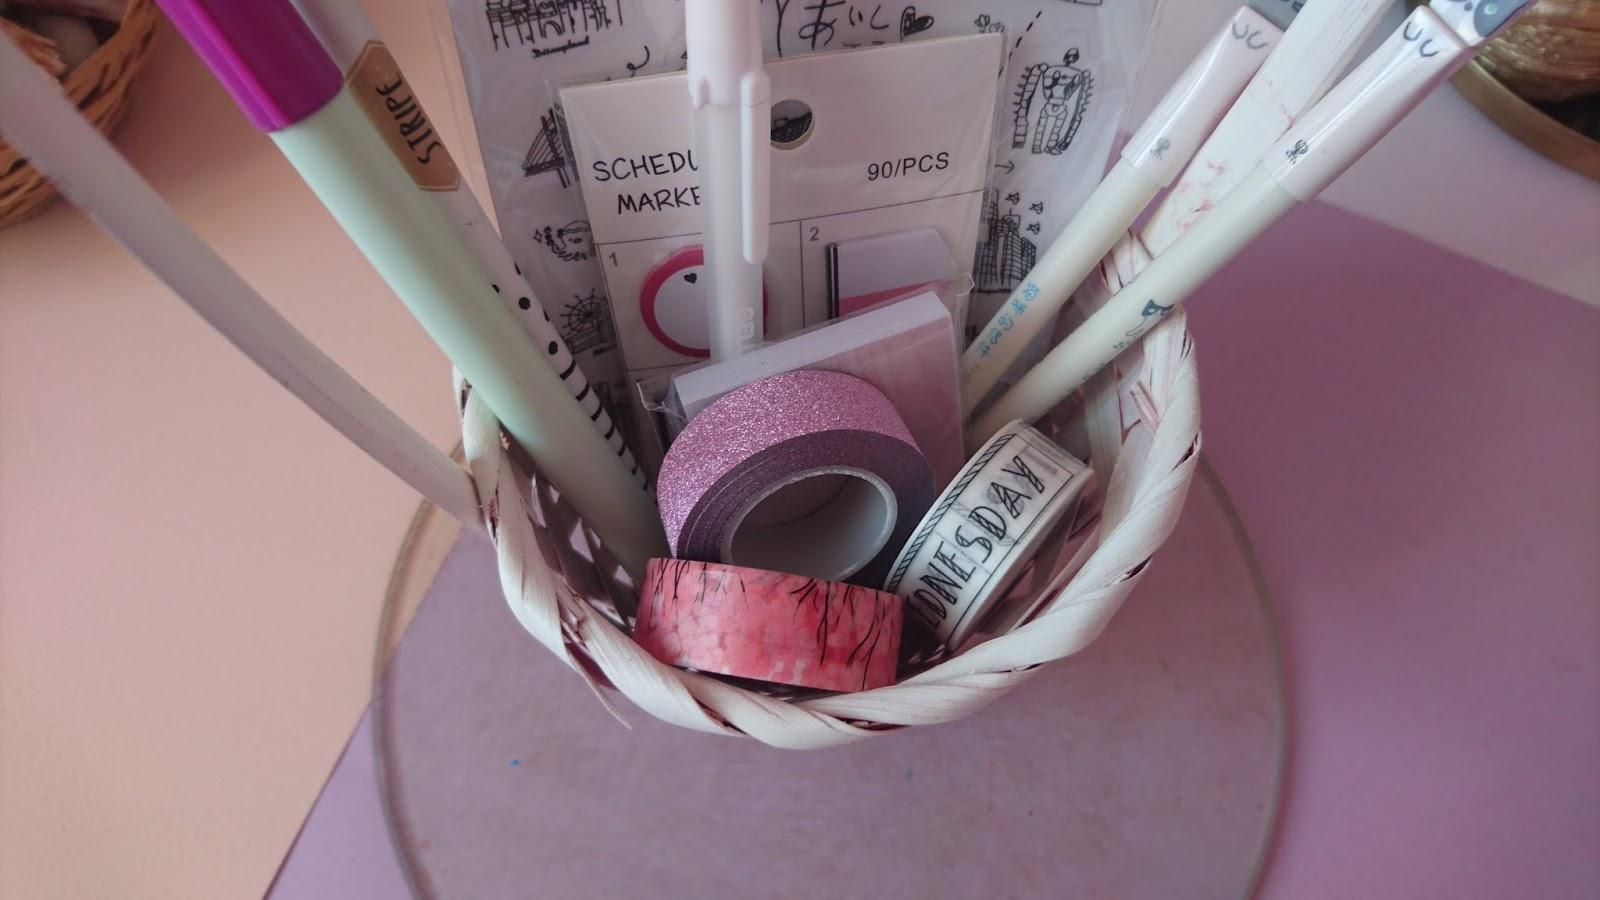 Best Friend Birthday Basket Gift Ideas